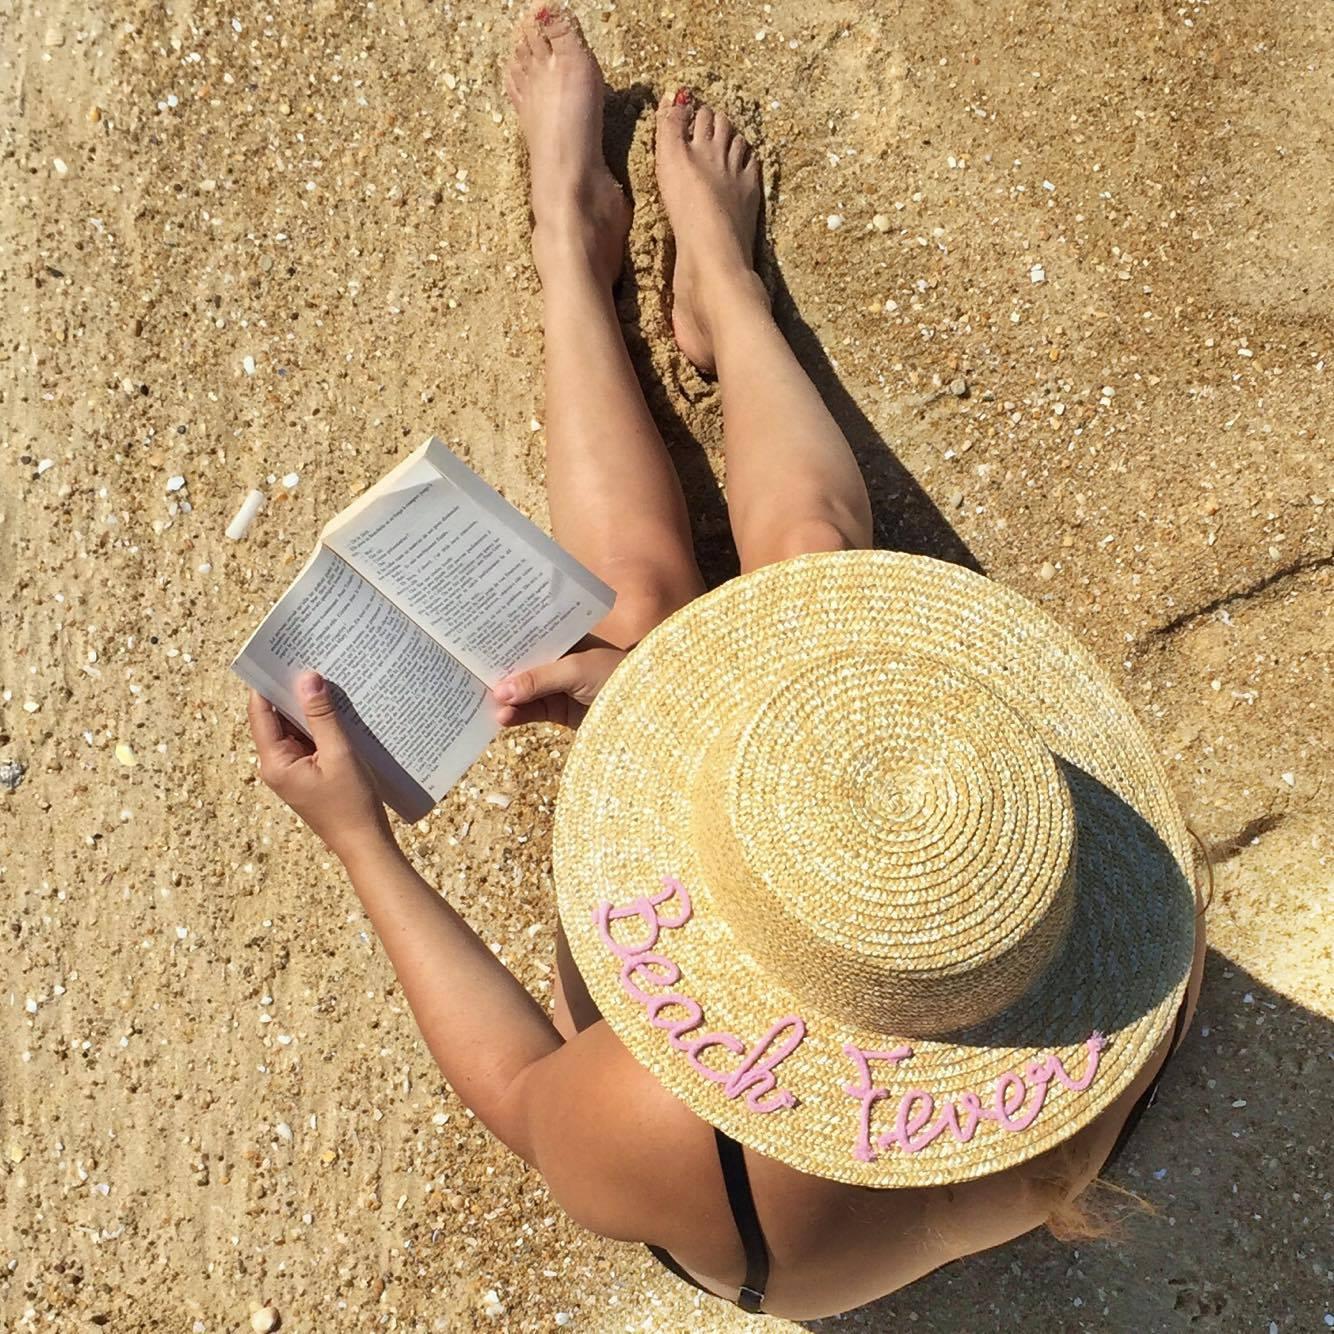 chapeau paille beach fever Pimkie - blog Camille In Bordeaux